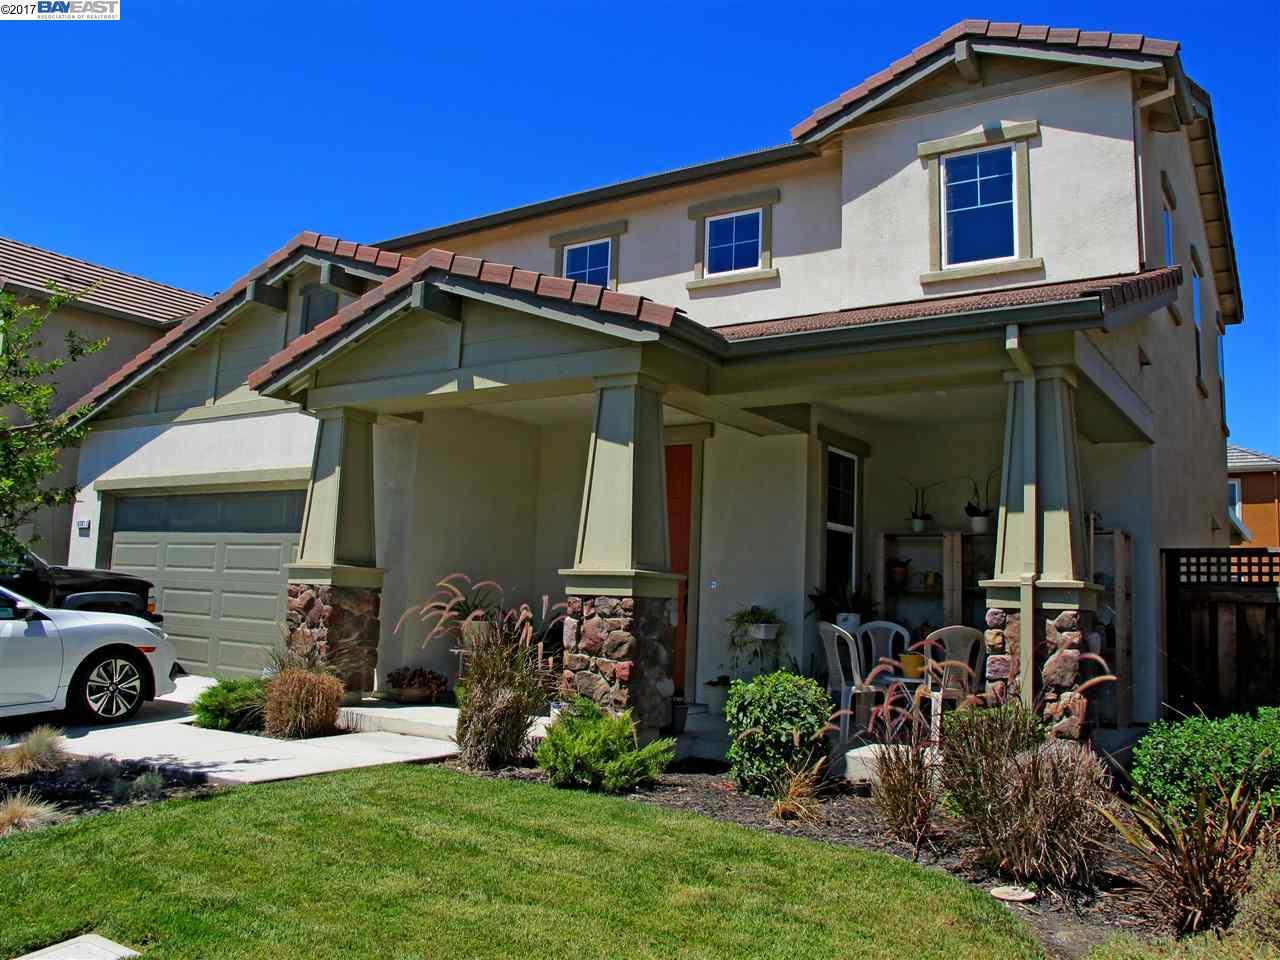 Maison unifamiliale pour l Vente à 18301 Exeter Court Lathrop, Californie 95330 États-Unis